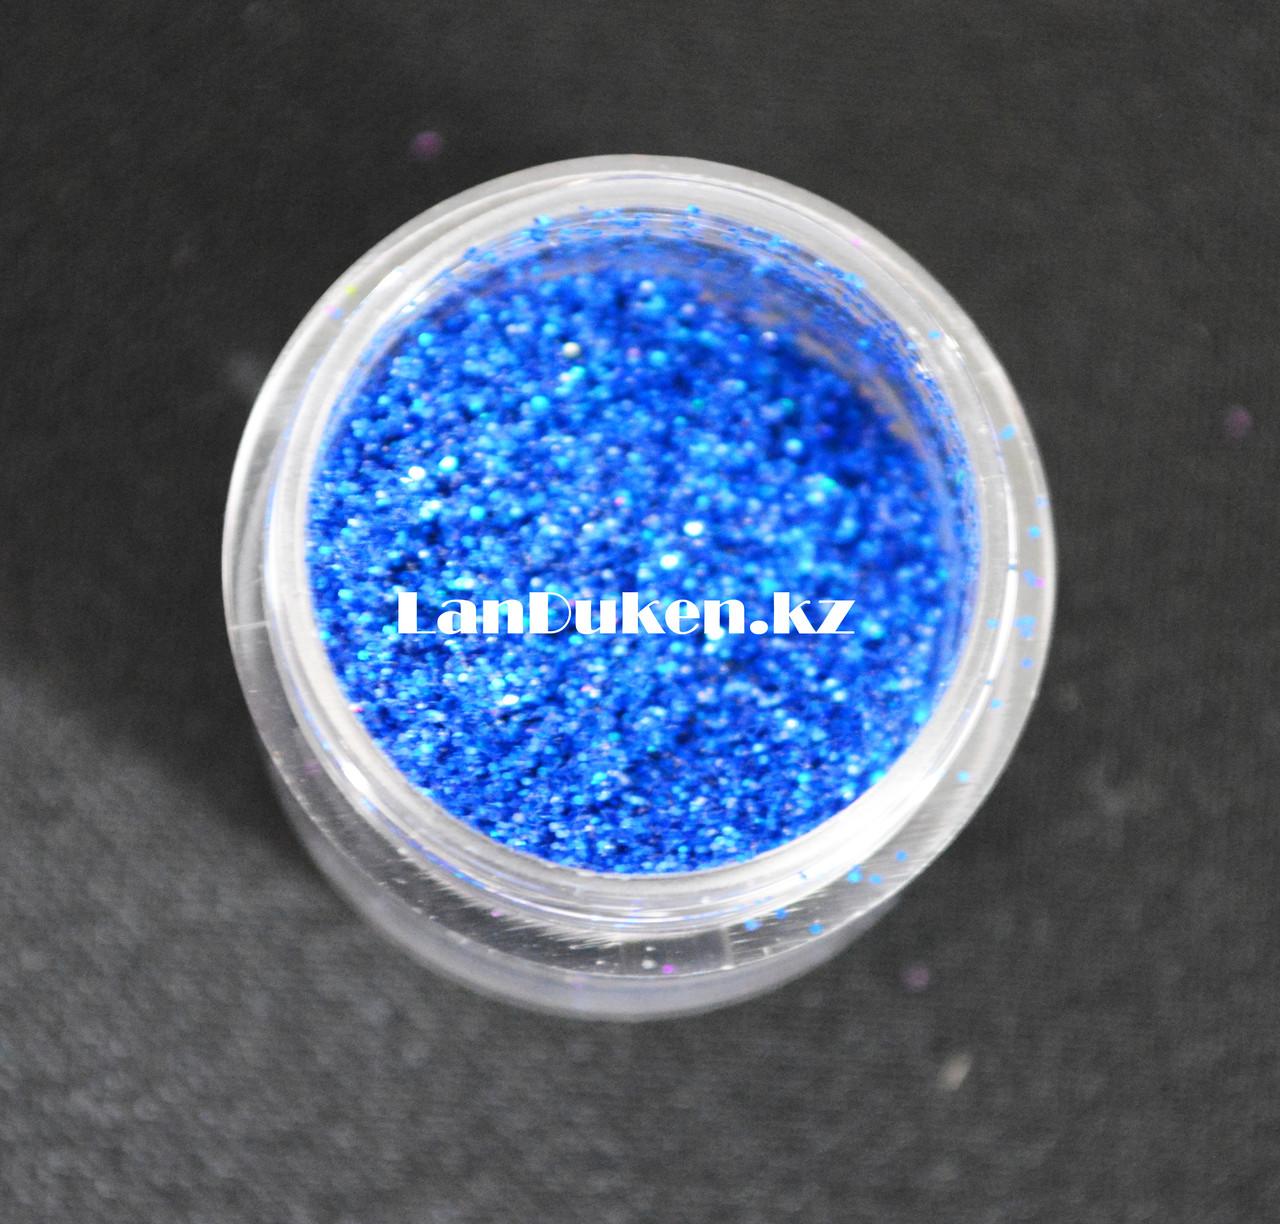 Блестки Color nail, блестки для ногтей, глаз, волос, тела, блестки для макияжа, глиттер, синие блестки - фото 2